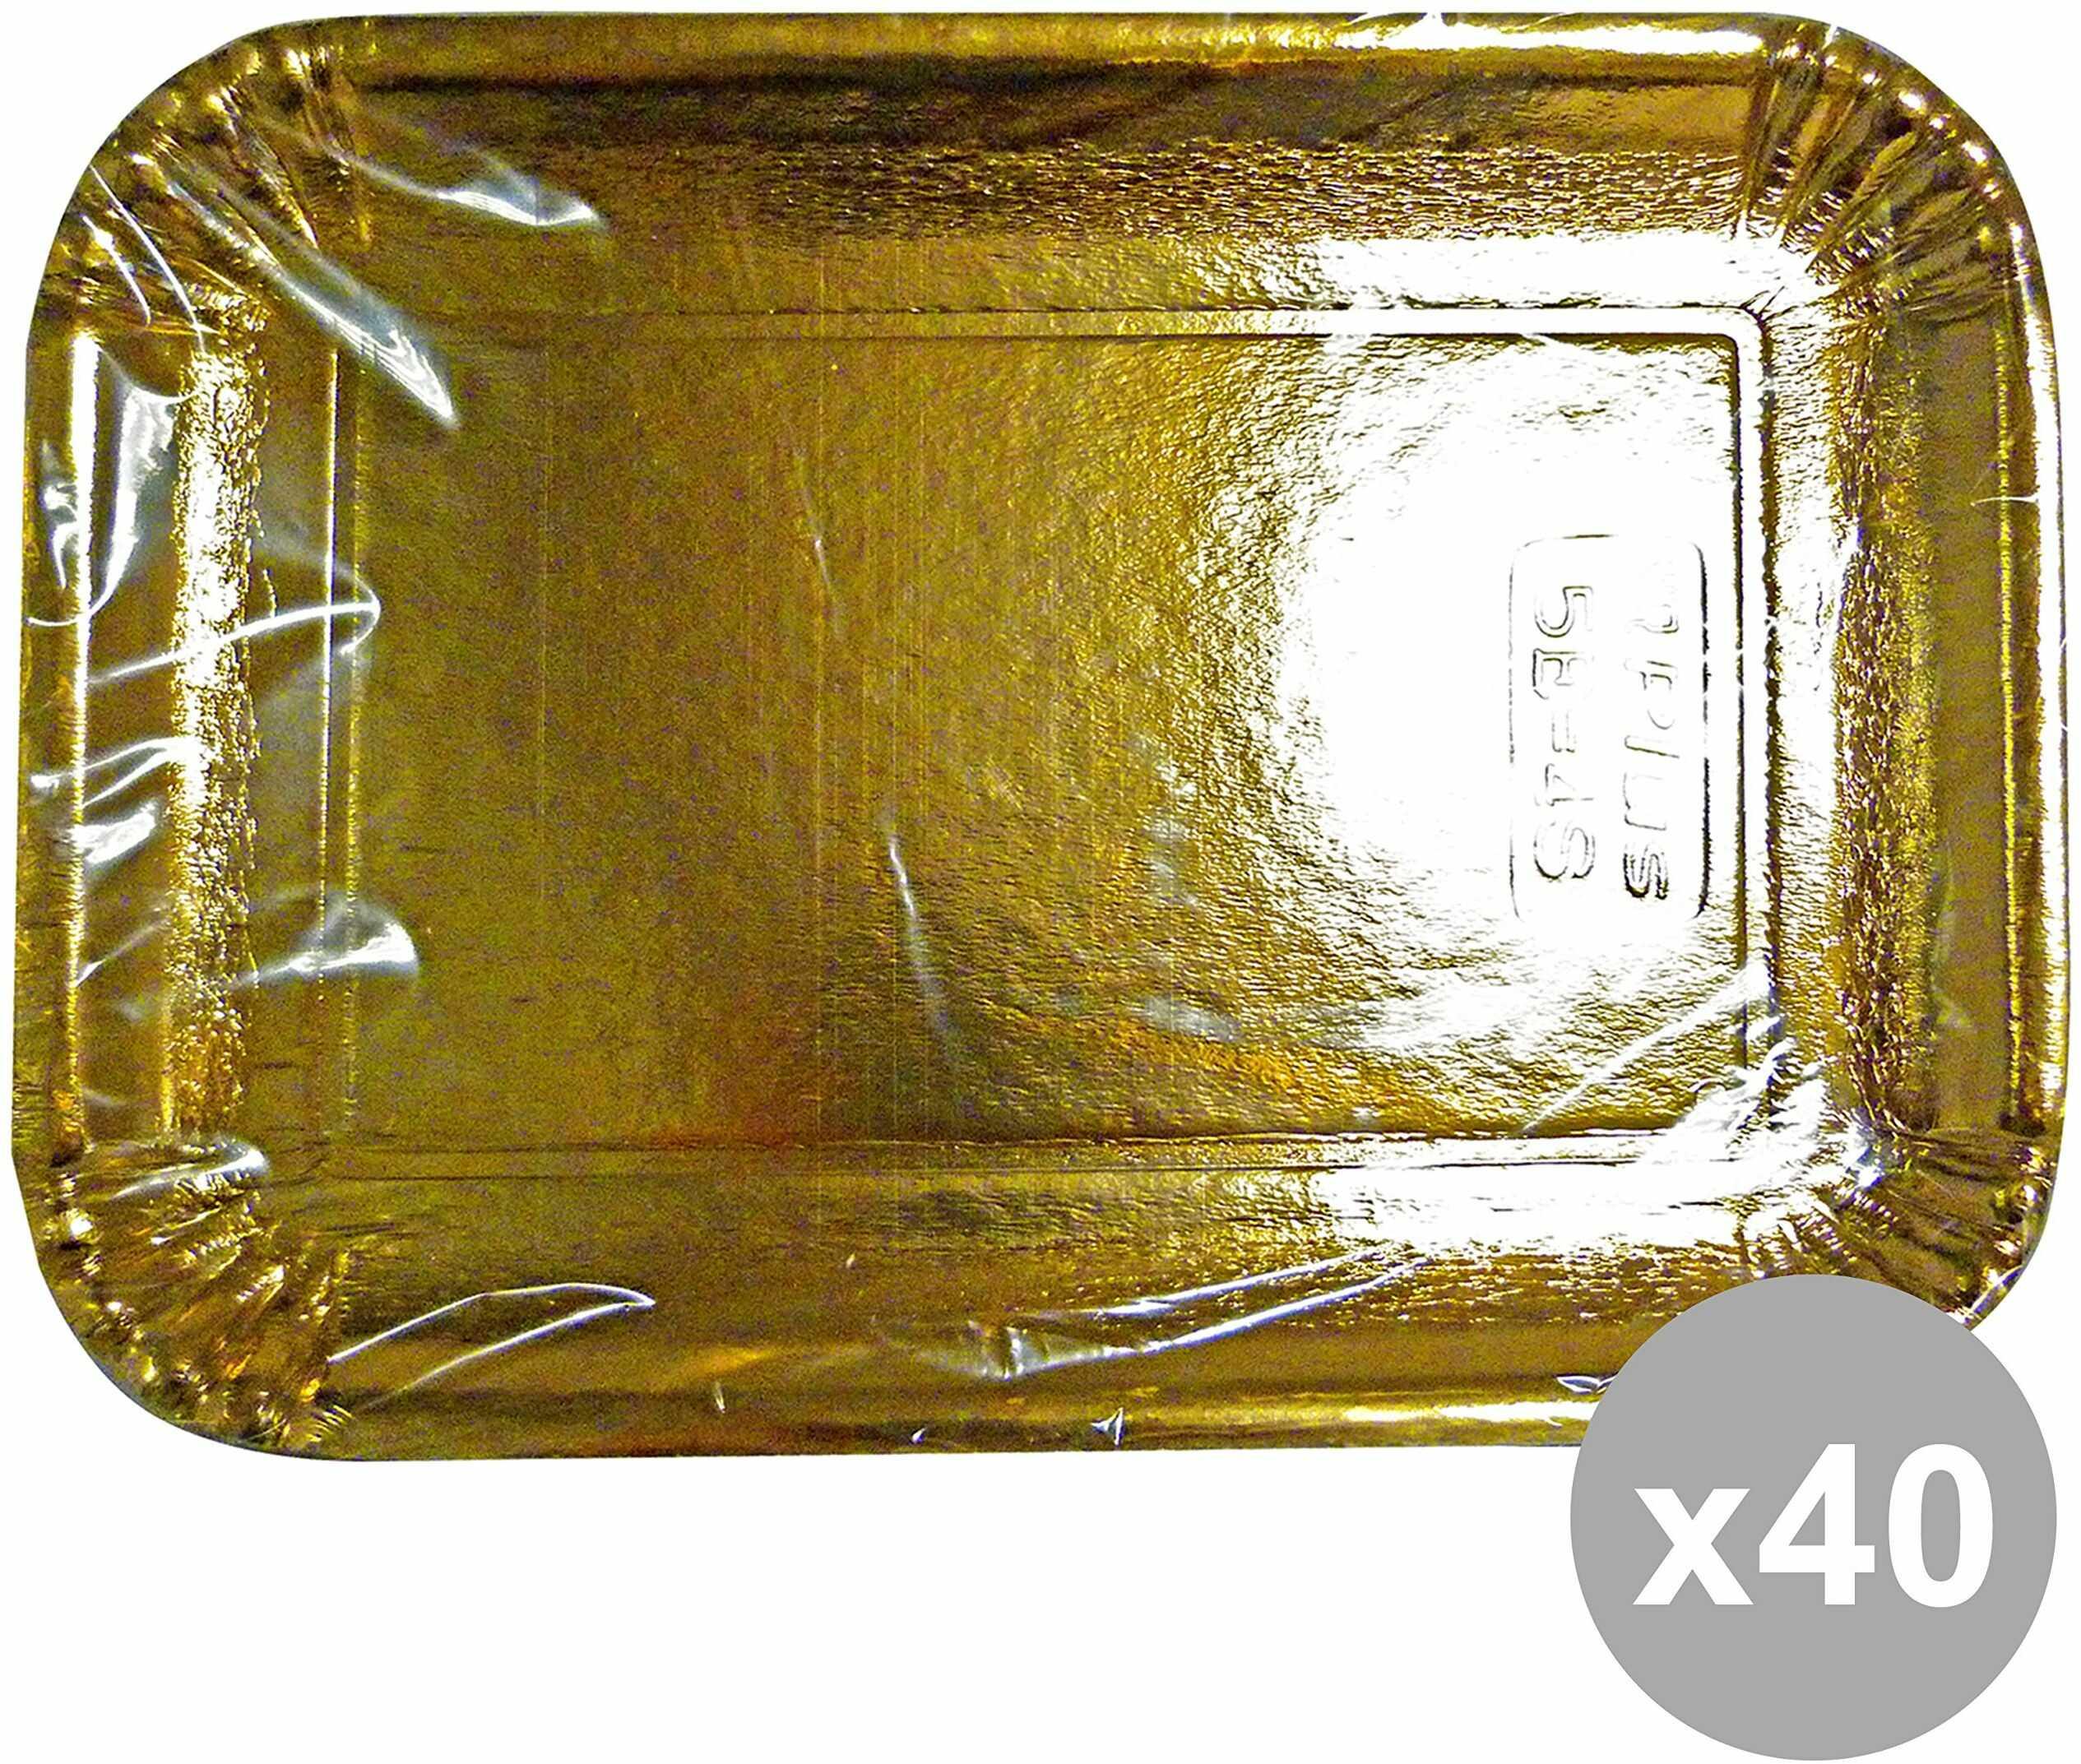 Zestaw 40 tac, papier prostokątny, złoty 25 x 34 cm. * 3 sztuki 63072 pojemniki do kuchni